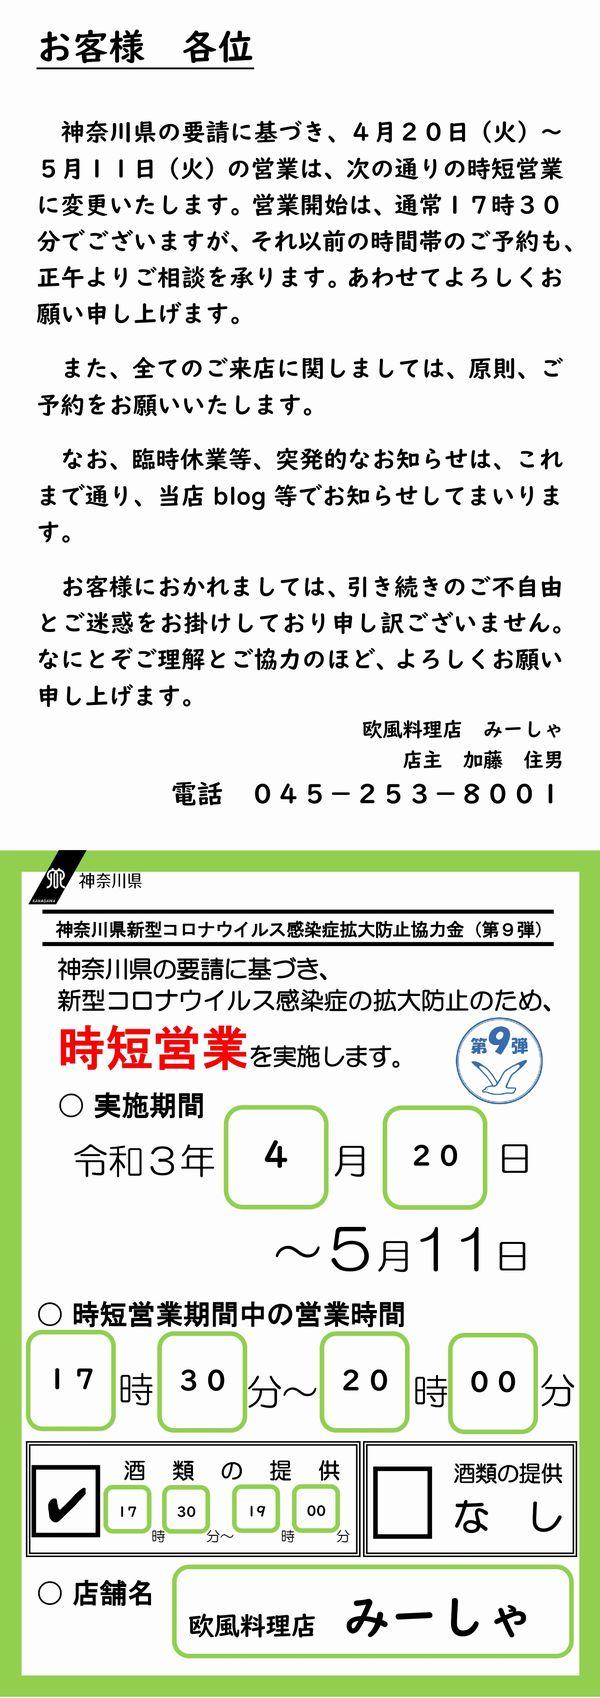 blog用 画像small600